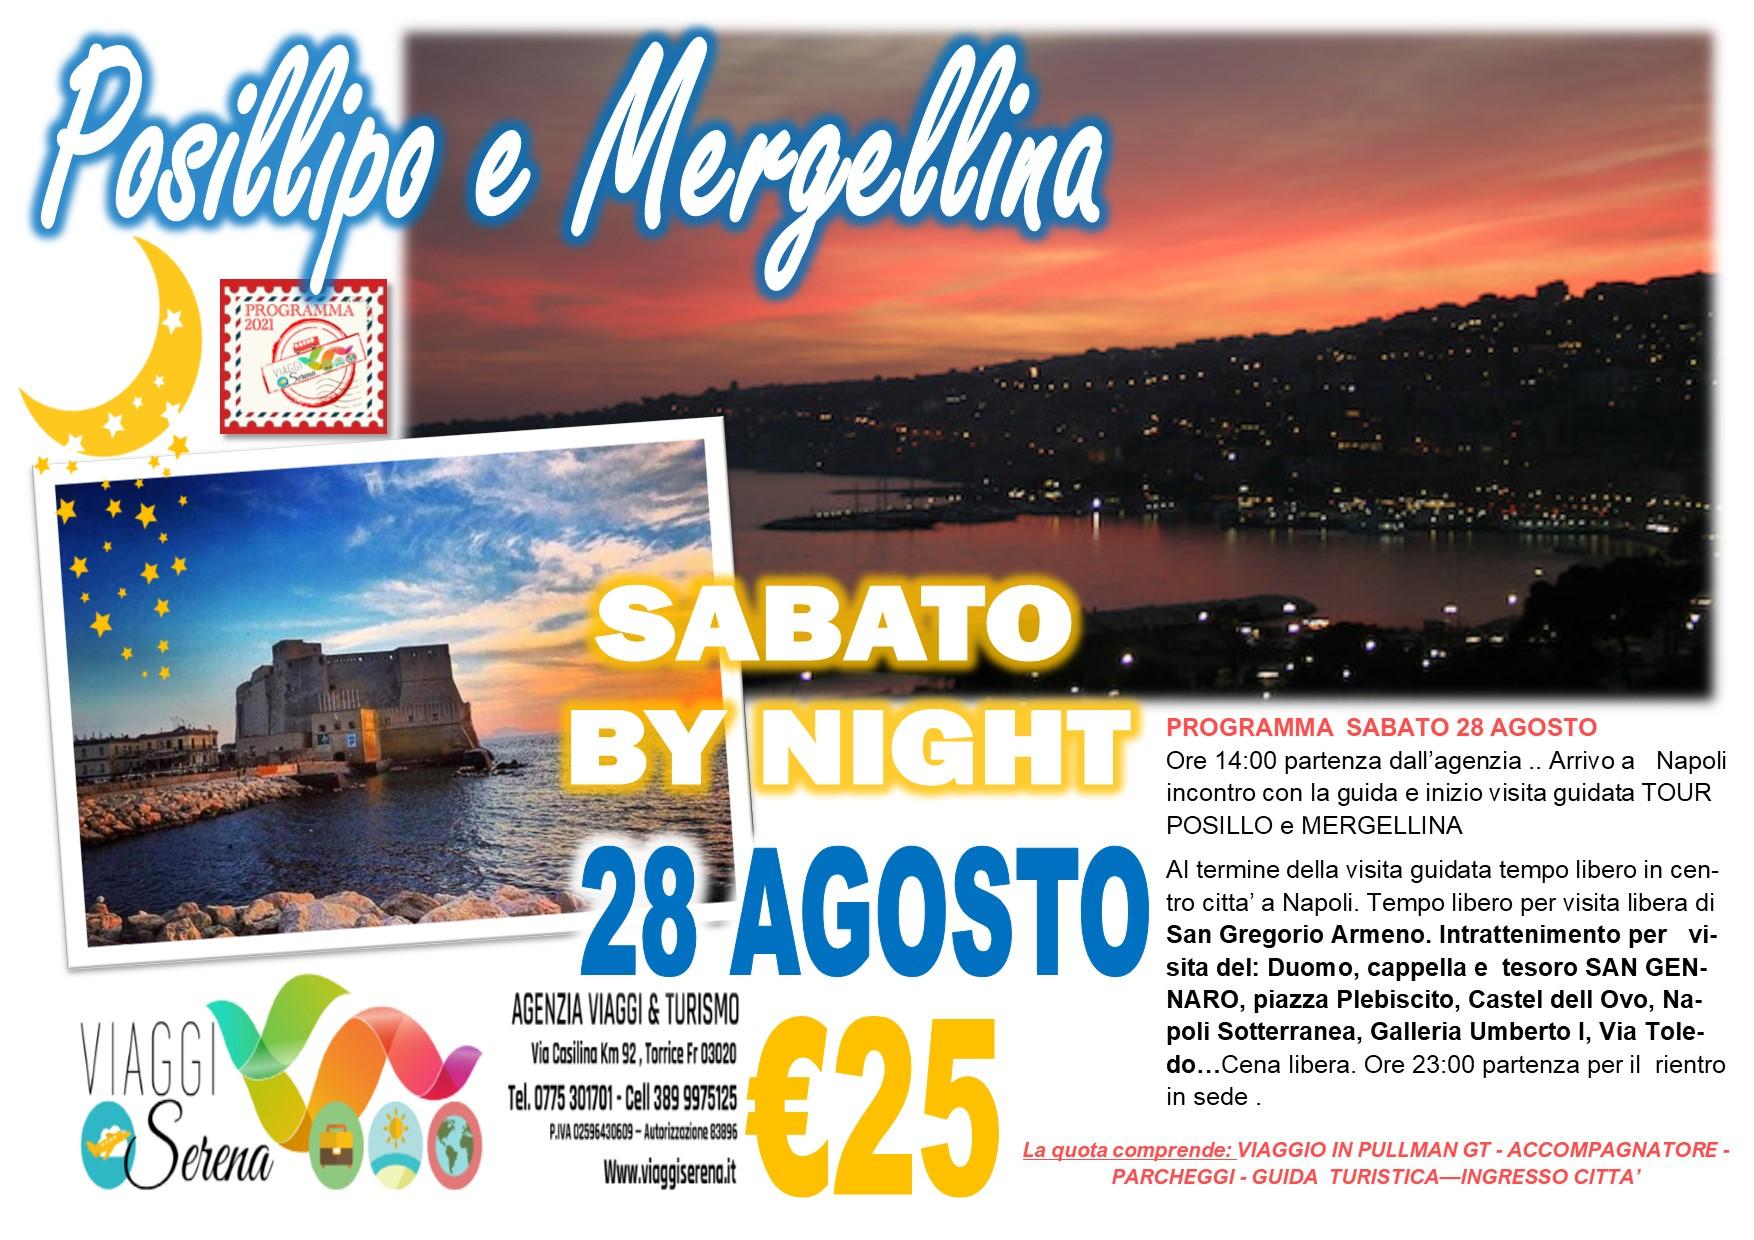 Viaggi di Gruppo: Posillipo e Mergellina by night sabato 28 Agosto € 25,00